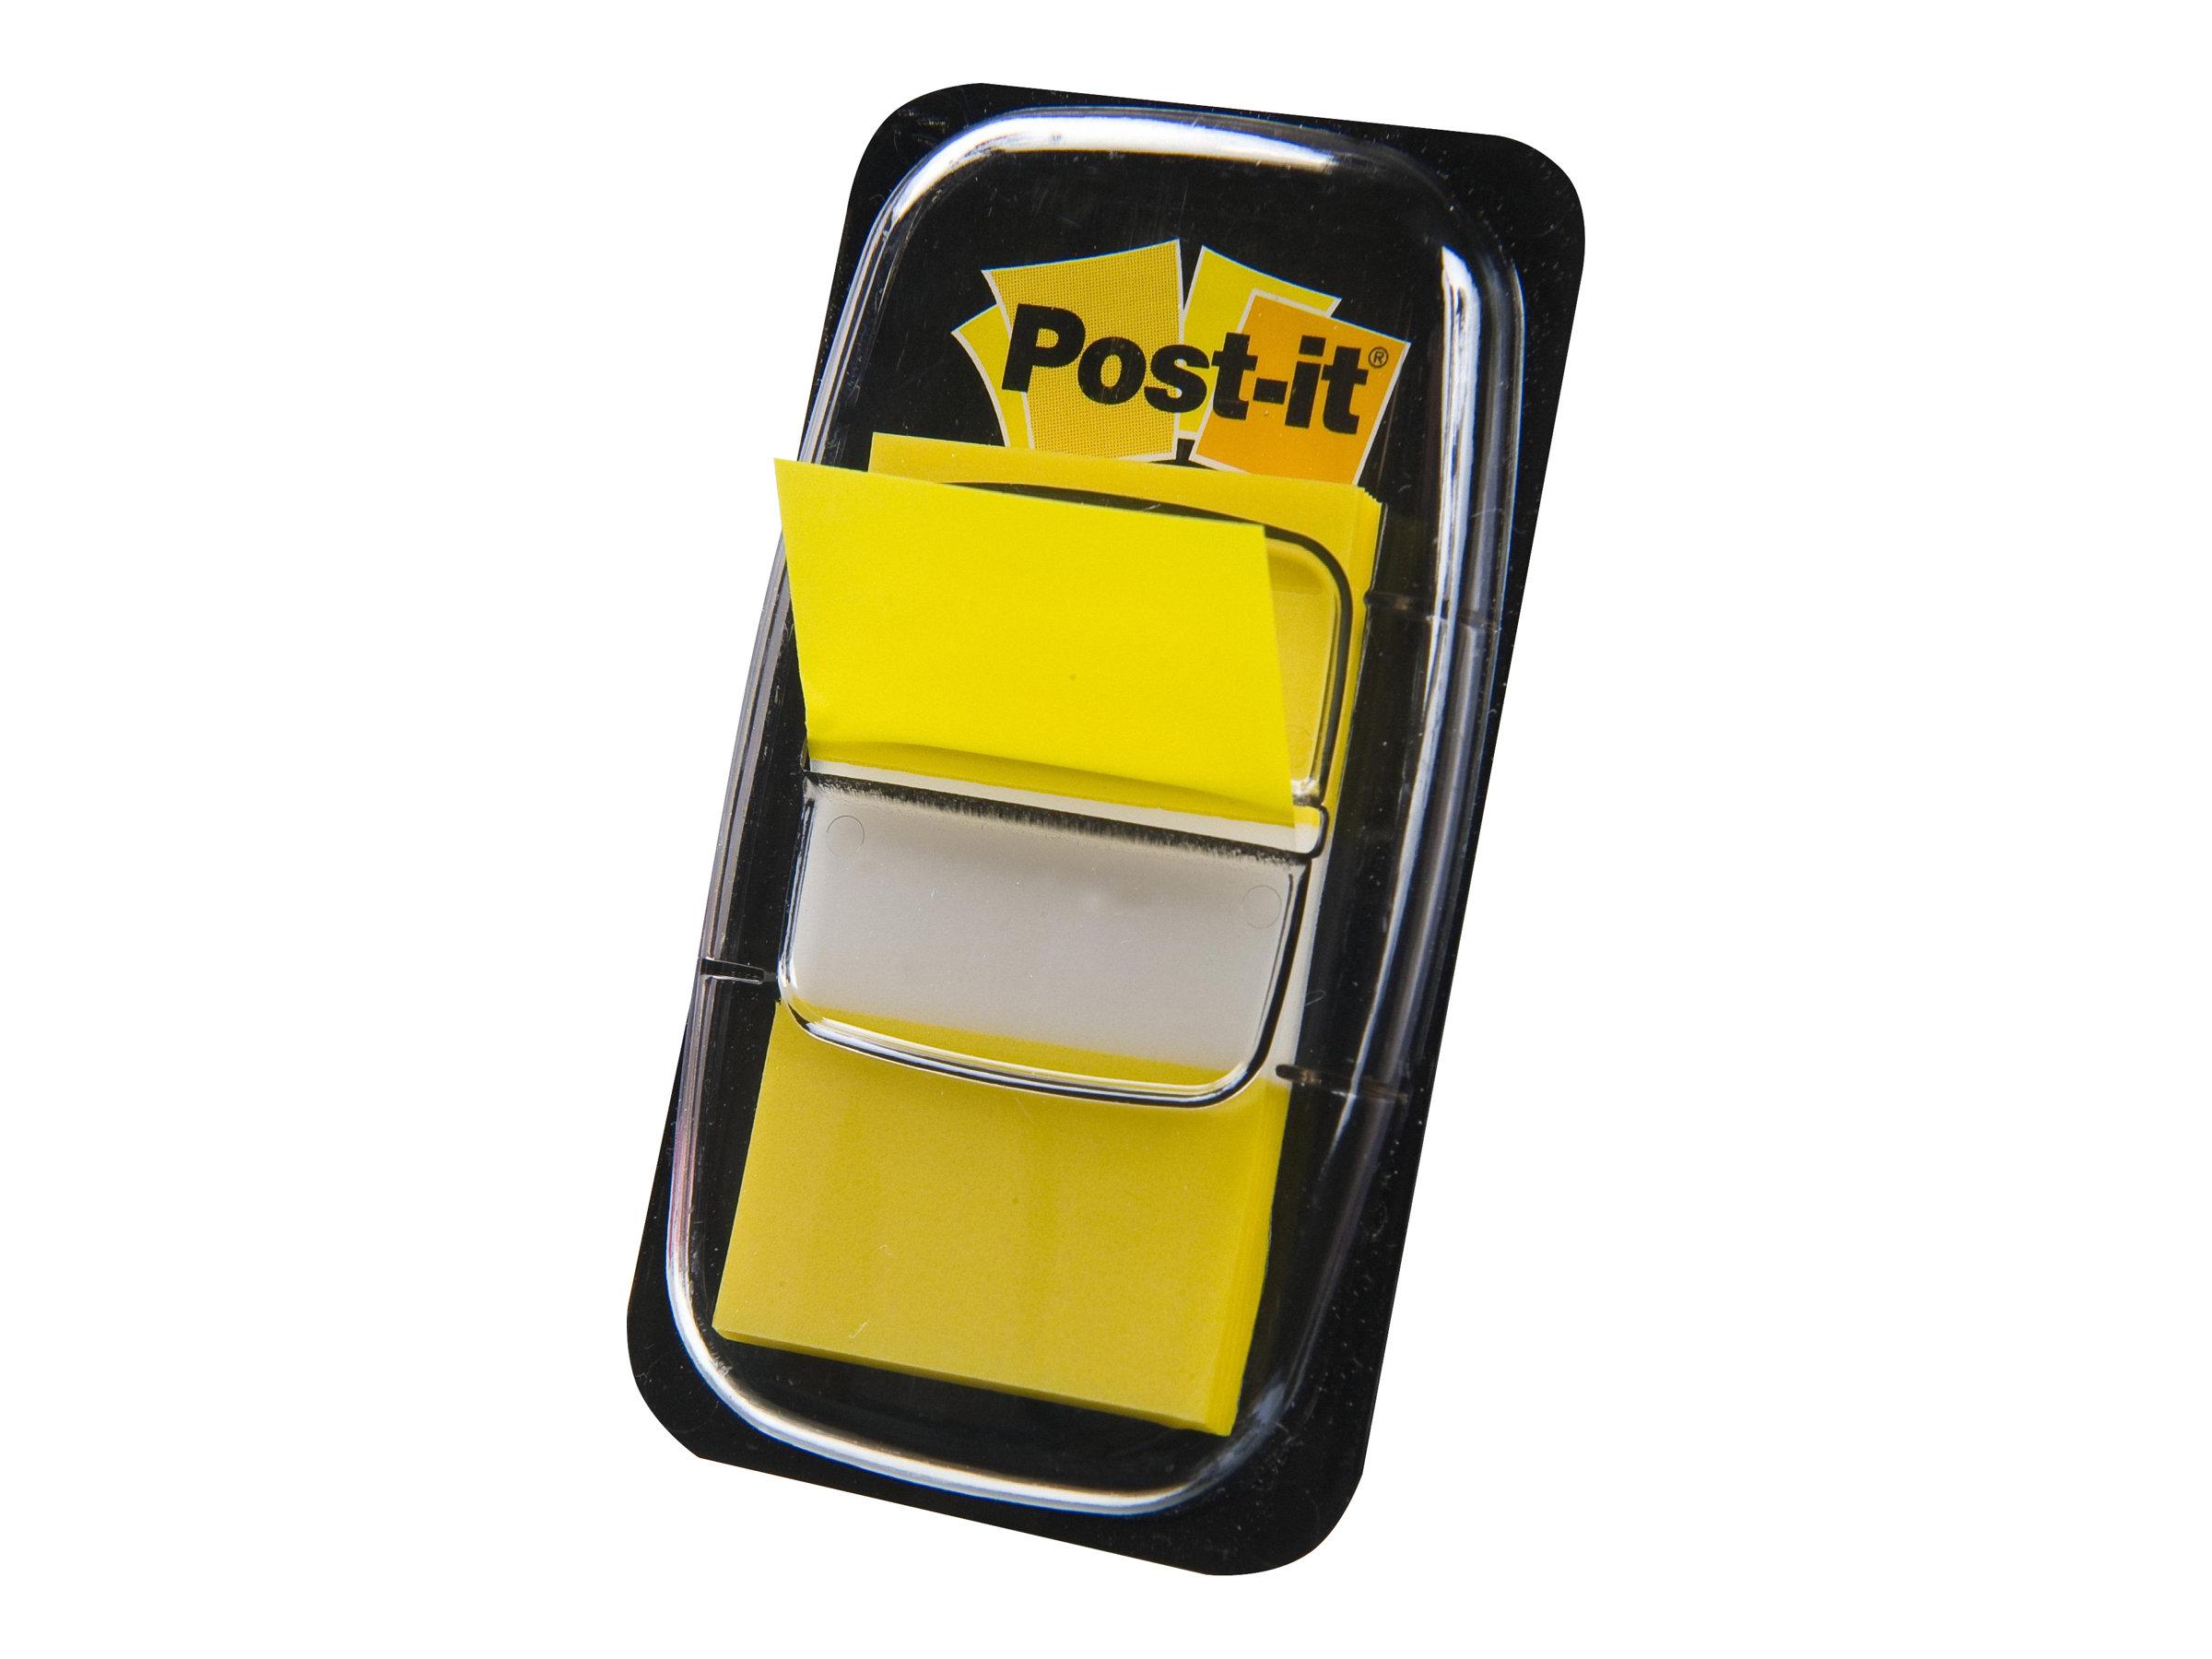 Post-it 680-5 - Index-Streifen mit Spender - 25.4 x 43.2 mm - 50 Blatt - Gelb